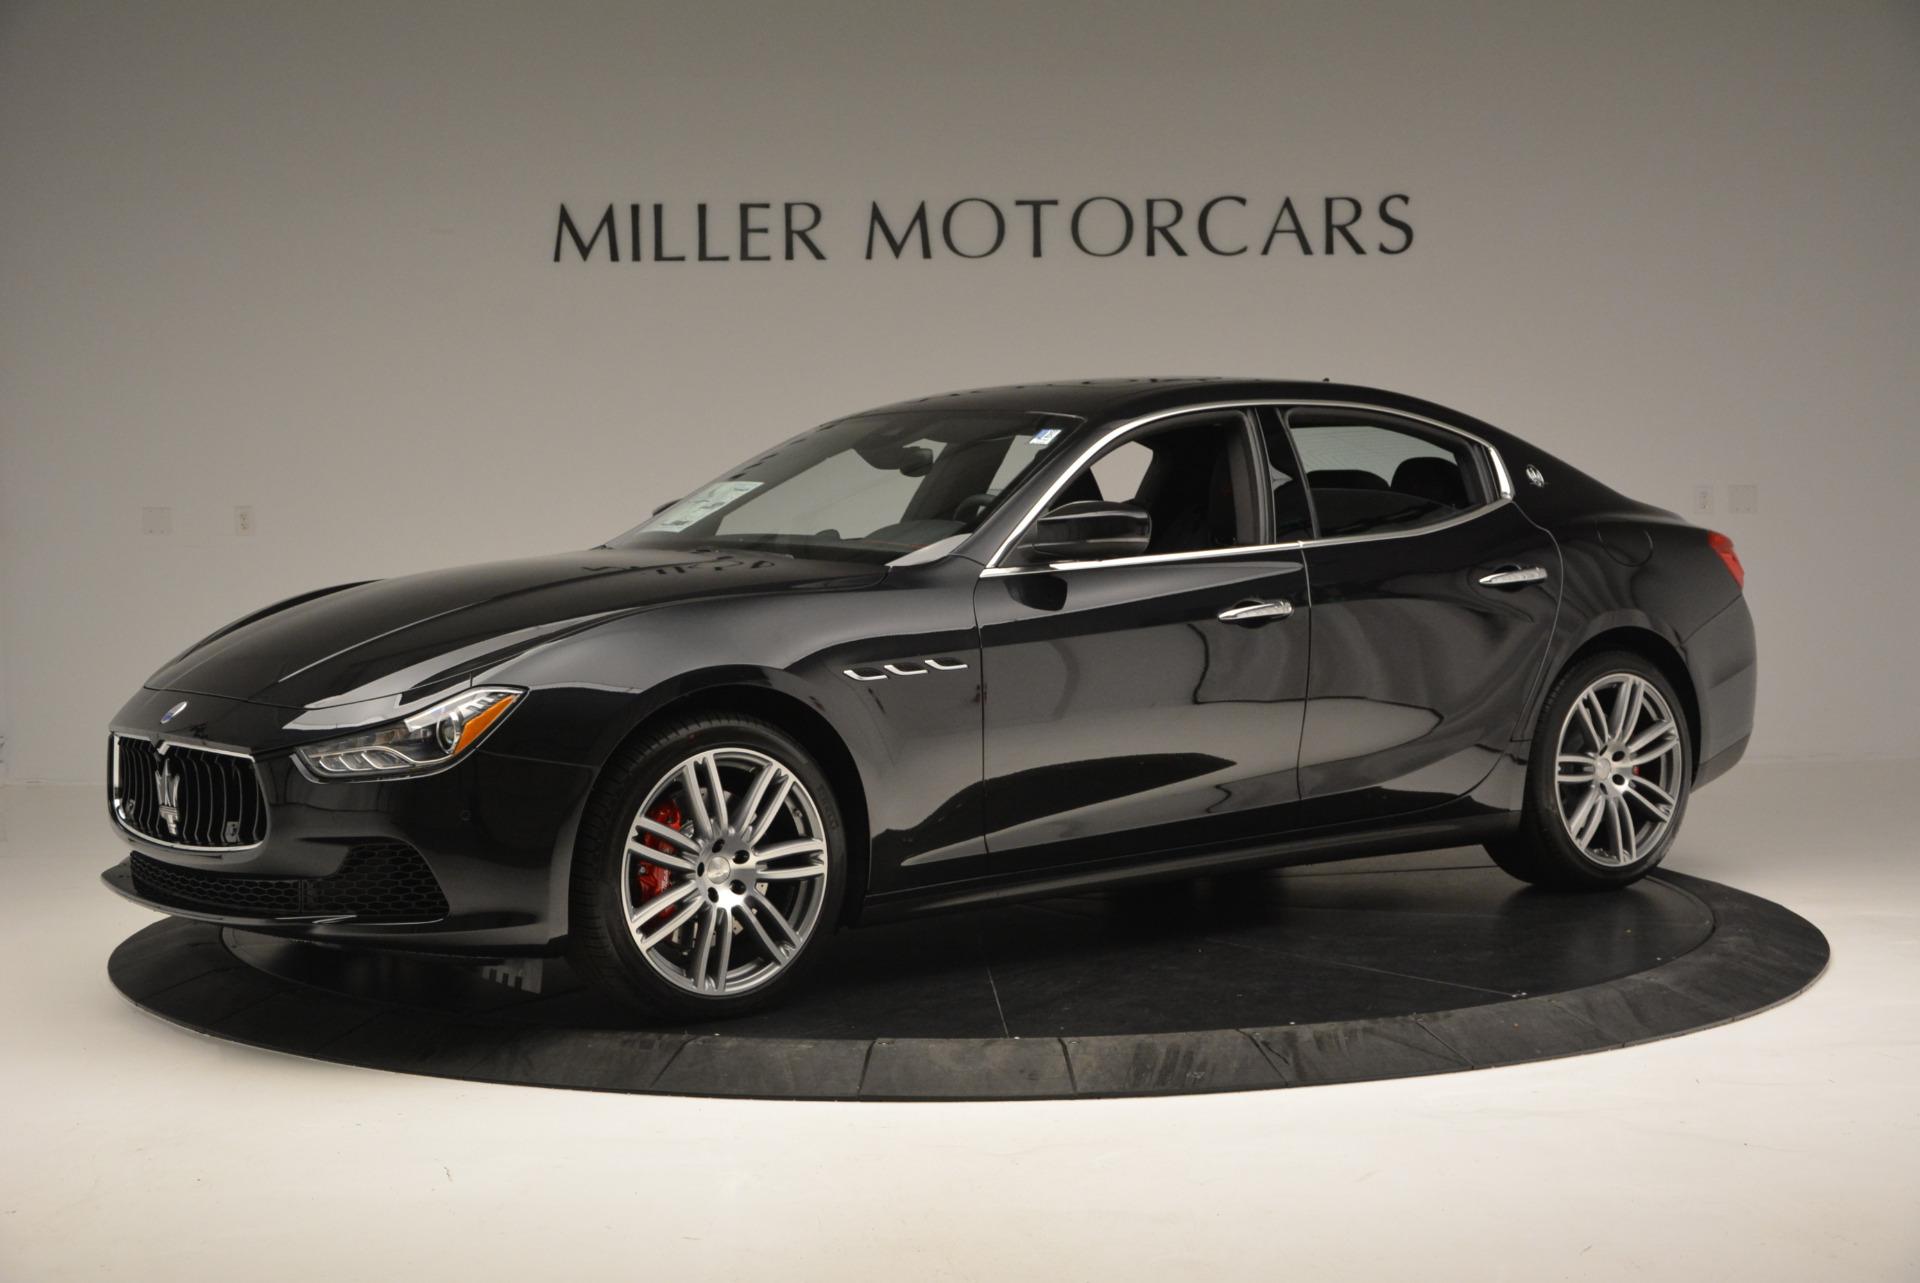 New 2017 Maserati Ghibli S Q4 For Sale In Greenwich, CT 630_p2